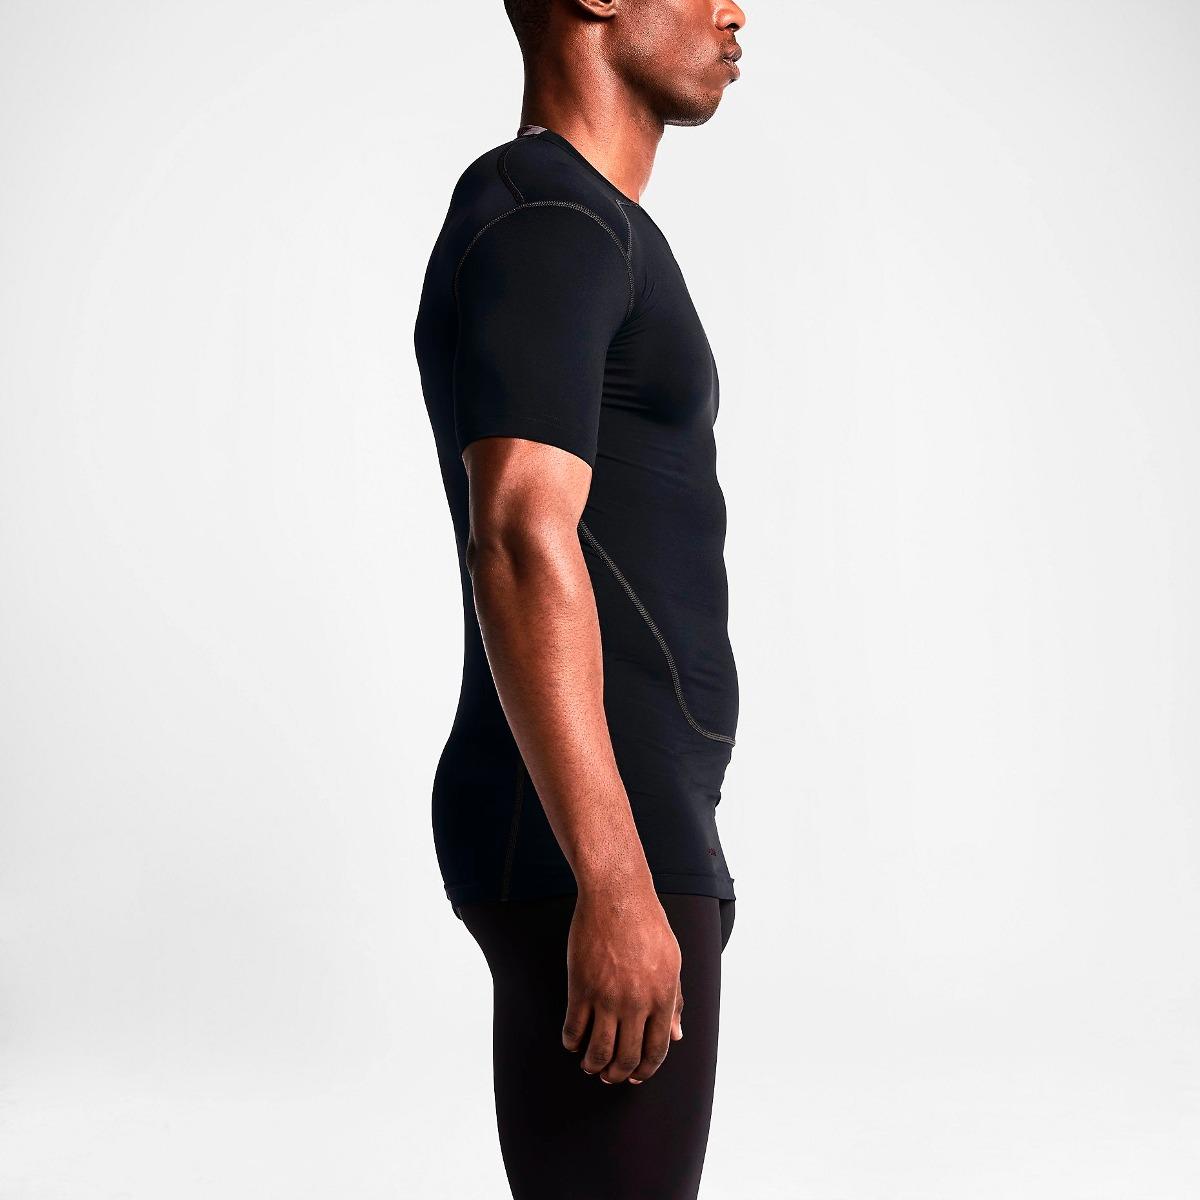 camiseta térmica nike pro combat compressão - g - v2mshop. Carregando zoom. 0a8daa6fc2bf8